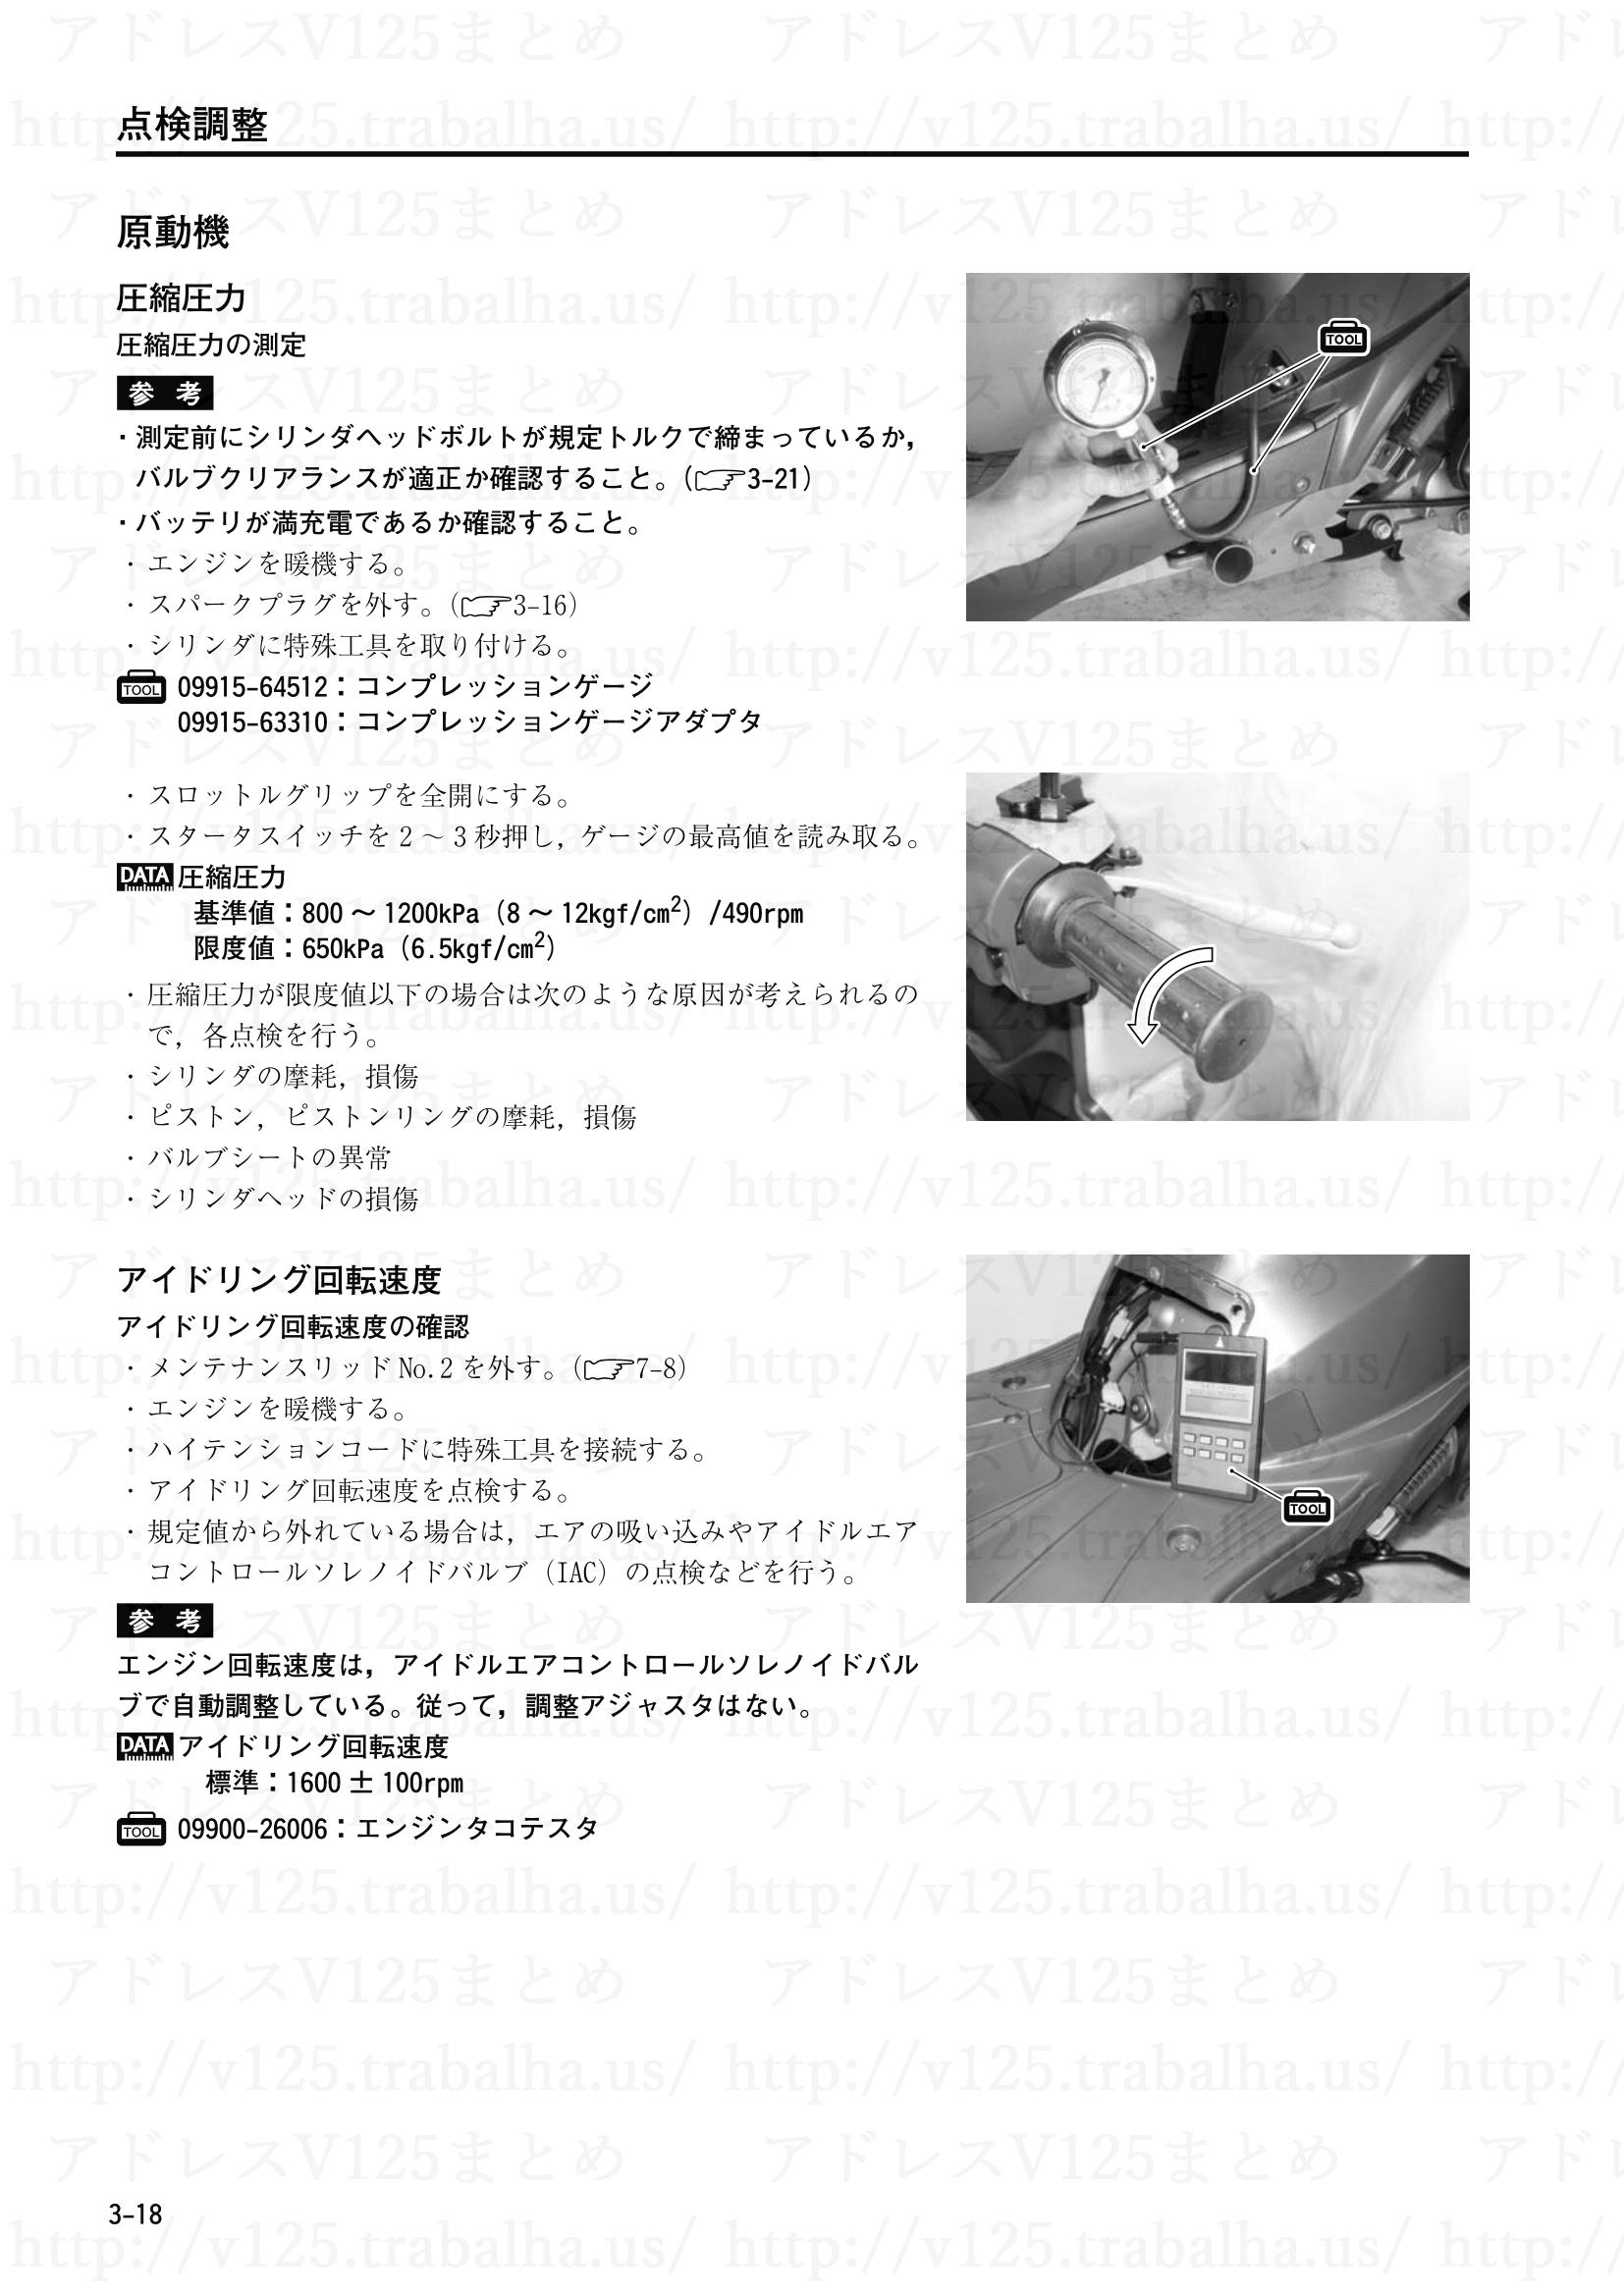 3-18【点検調整】原動機1